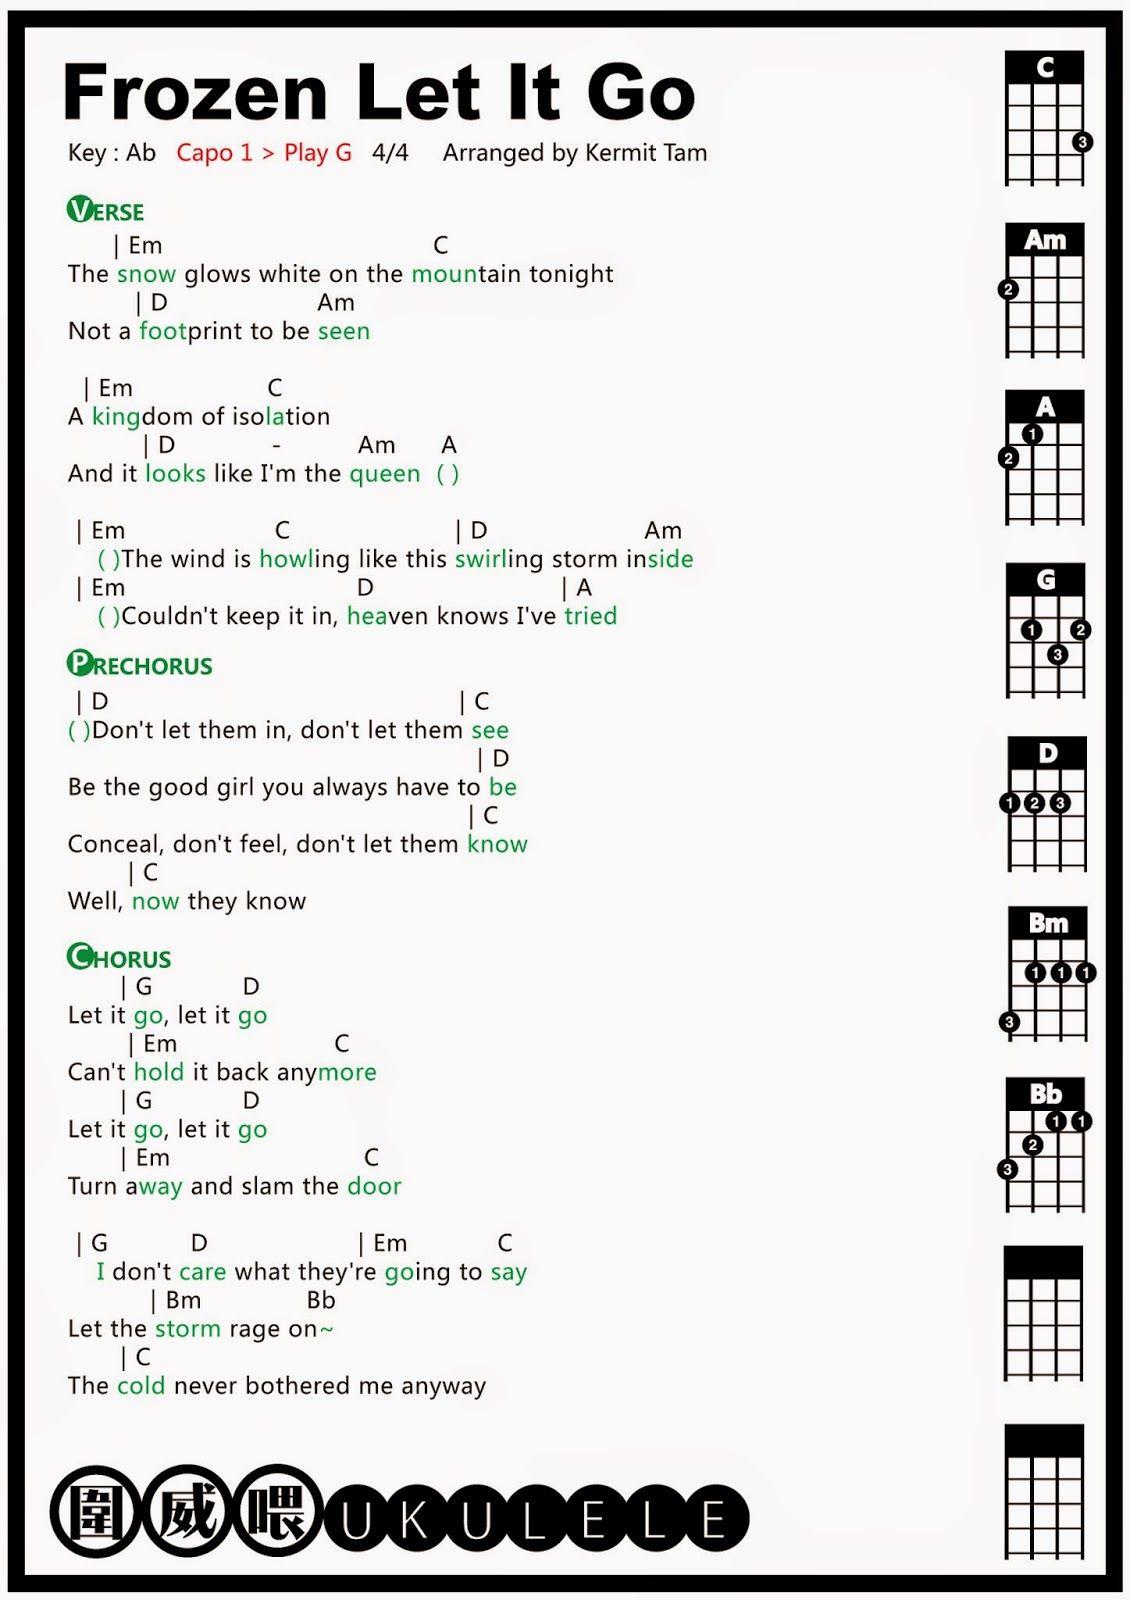 圍威喂 ukulele: Frozen Let It Go [ukulele tab] | Uke | Pinterest ...